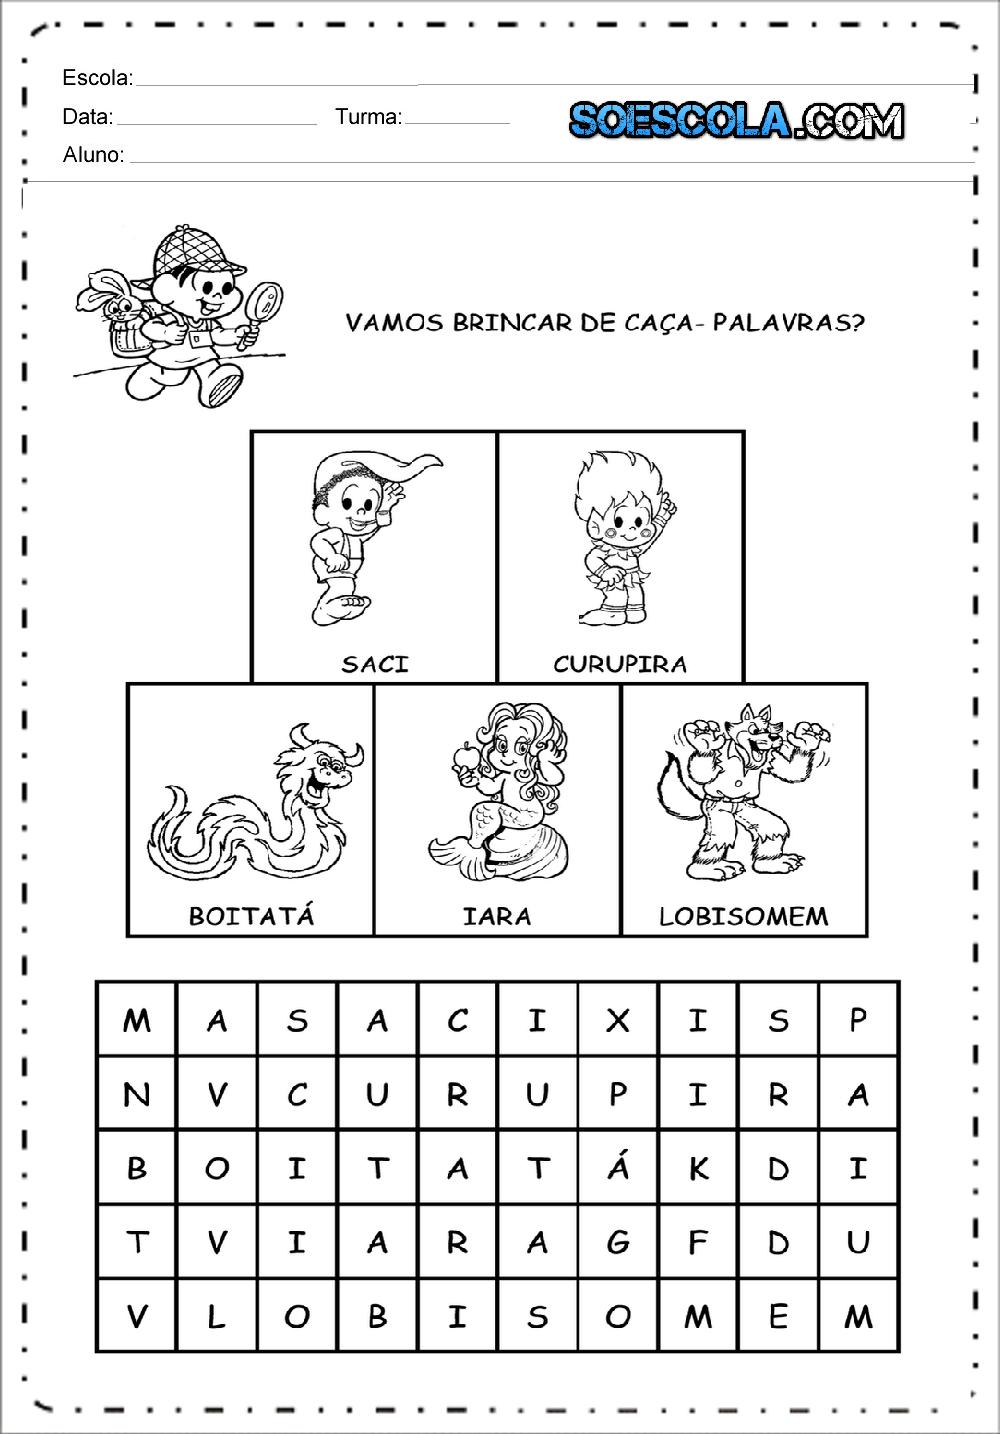 Caca Palavras Do Folclore Para Imprimir So Escola